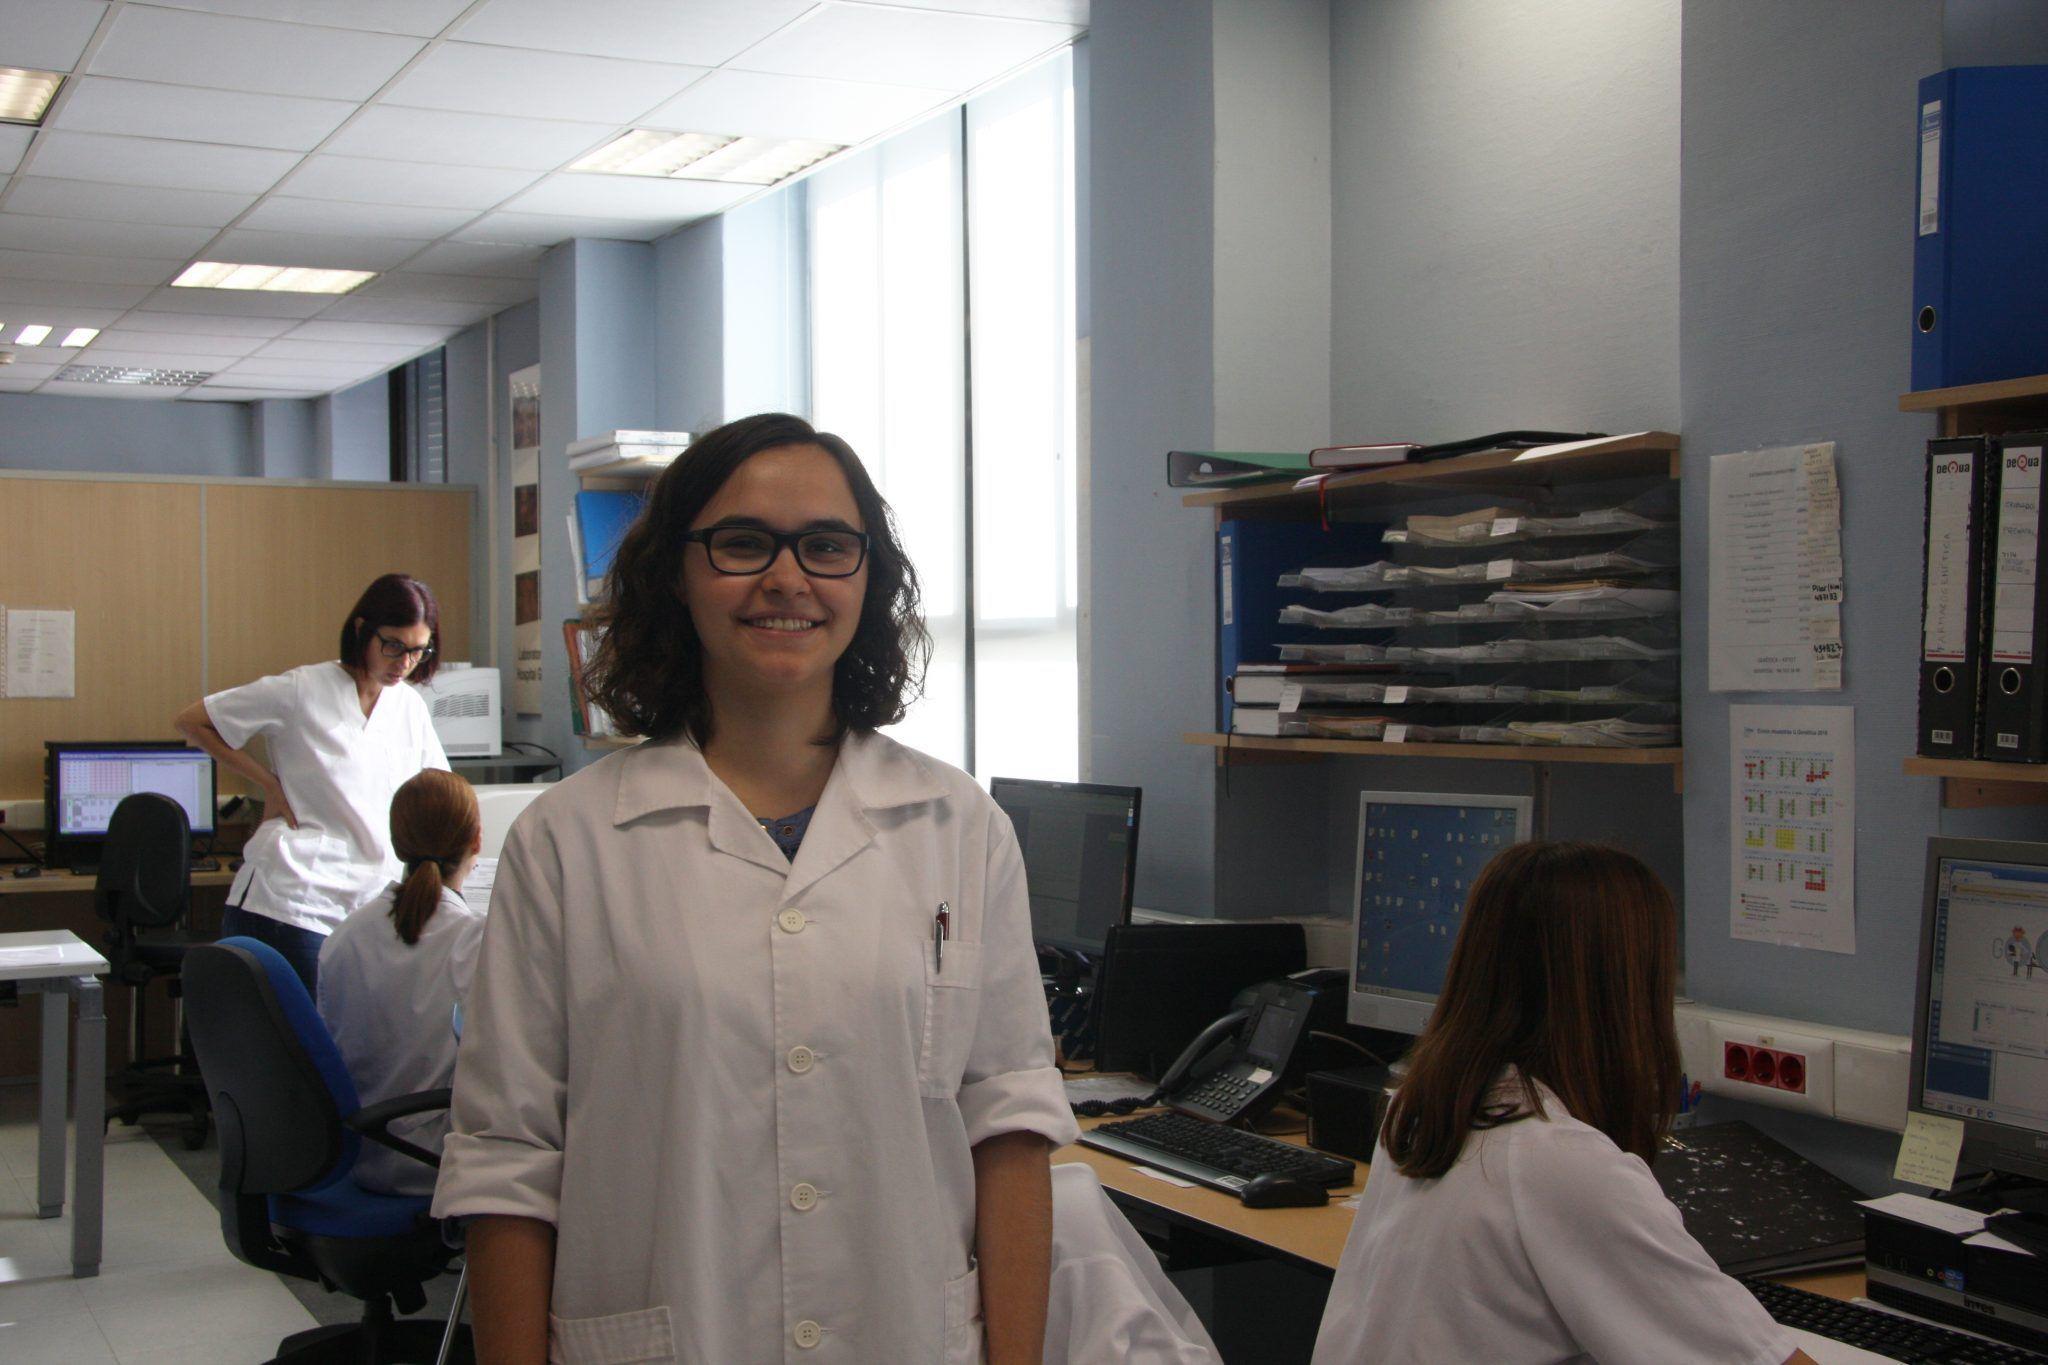 Carolina Monzó en el laboratorio de Genética del Servicio de Análisis Clínicos del Hospital General de Valencia. Fotografía: Lucía Márquez.